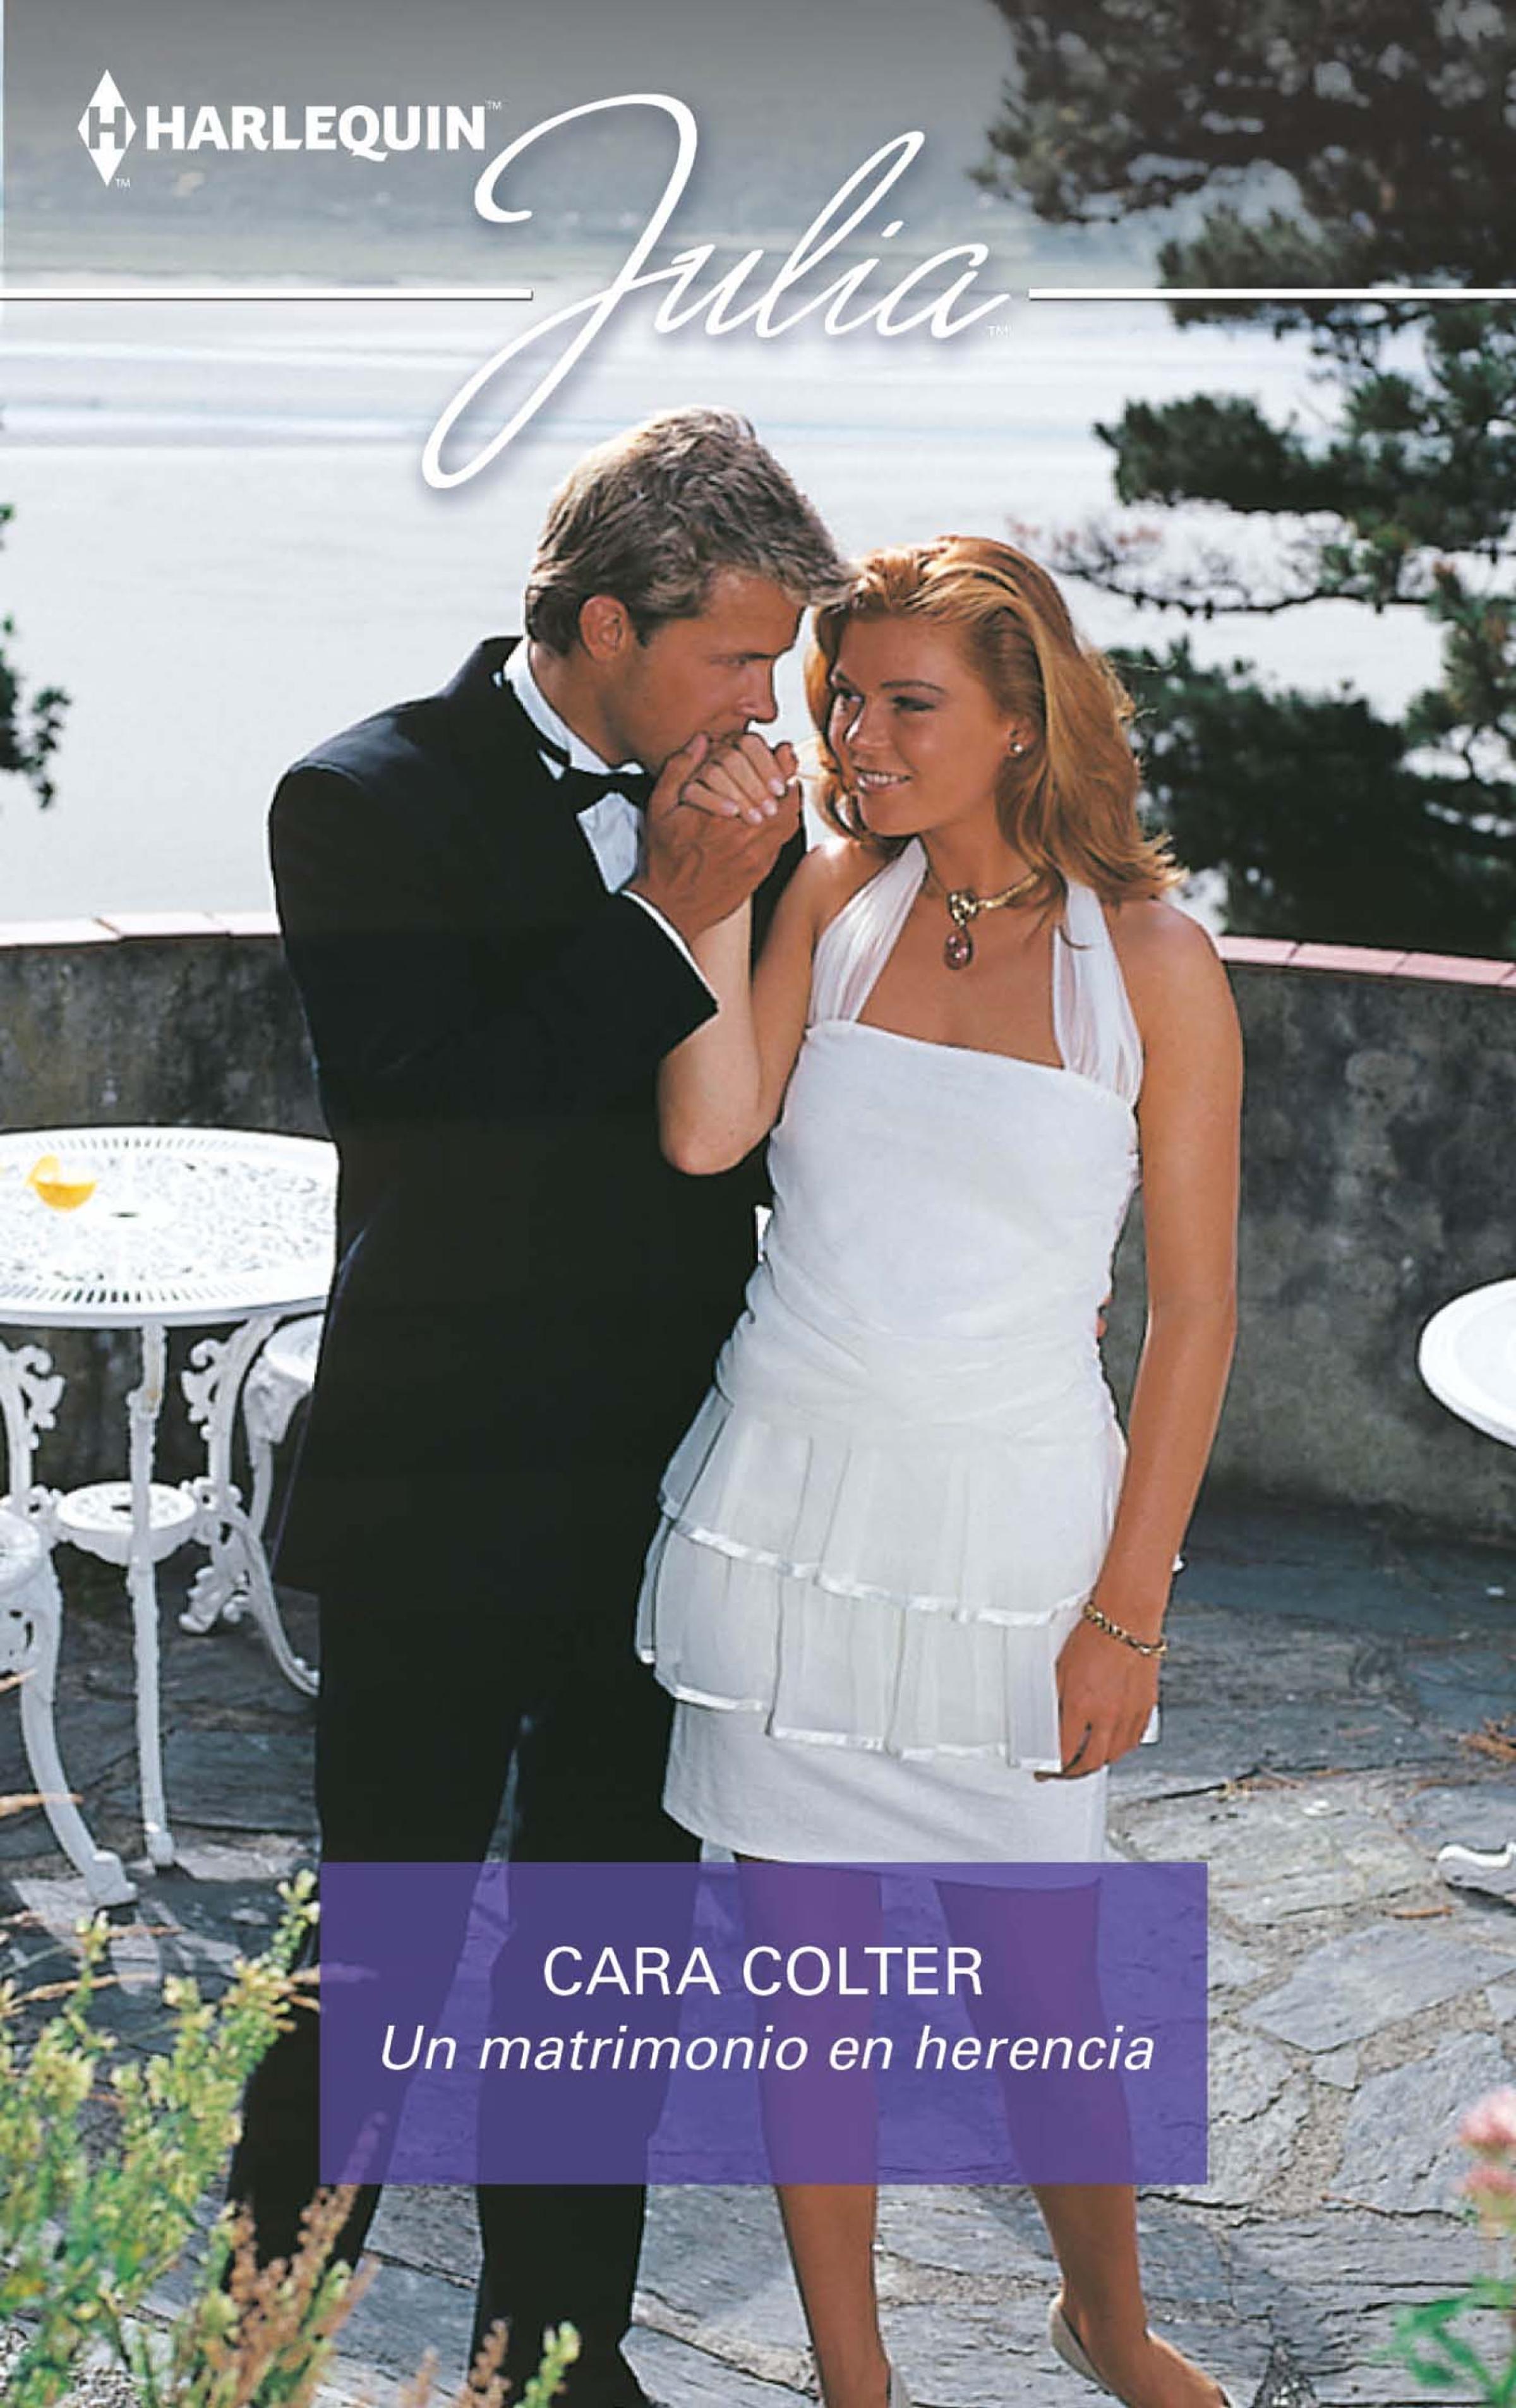 Cara Colter Un matrimonio en herencia cara colter interview with a tycoon